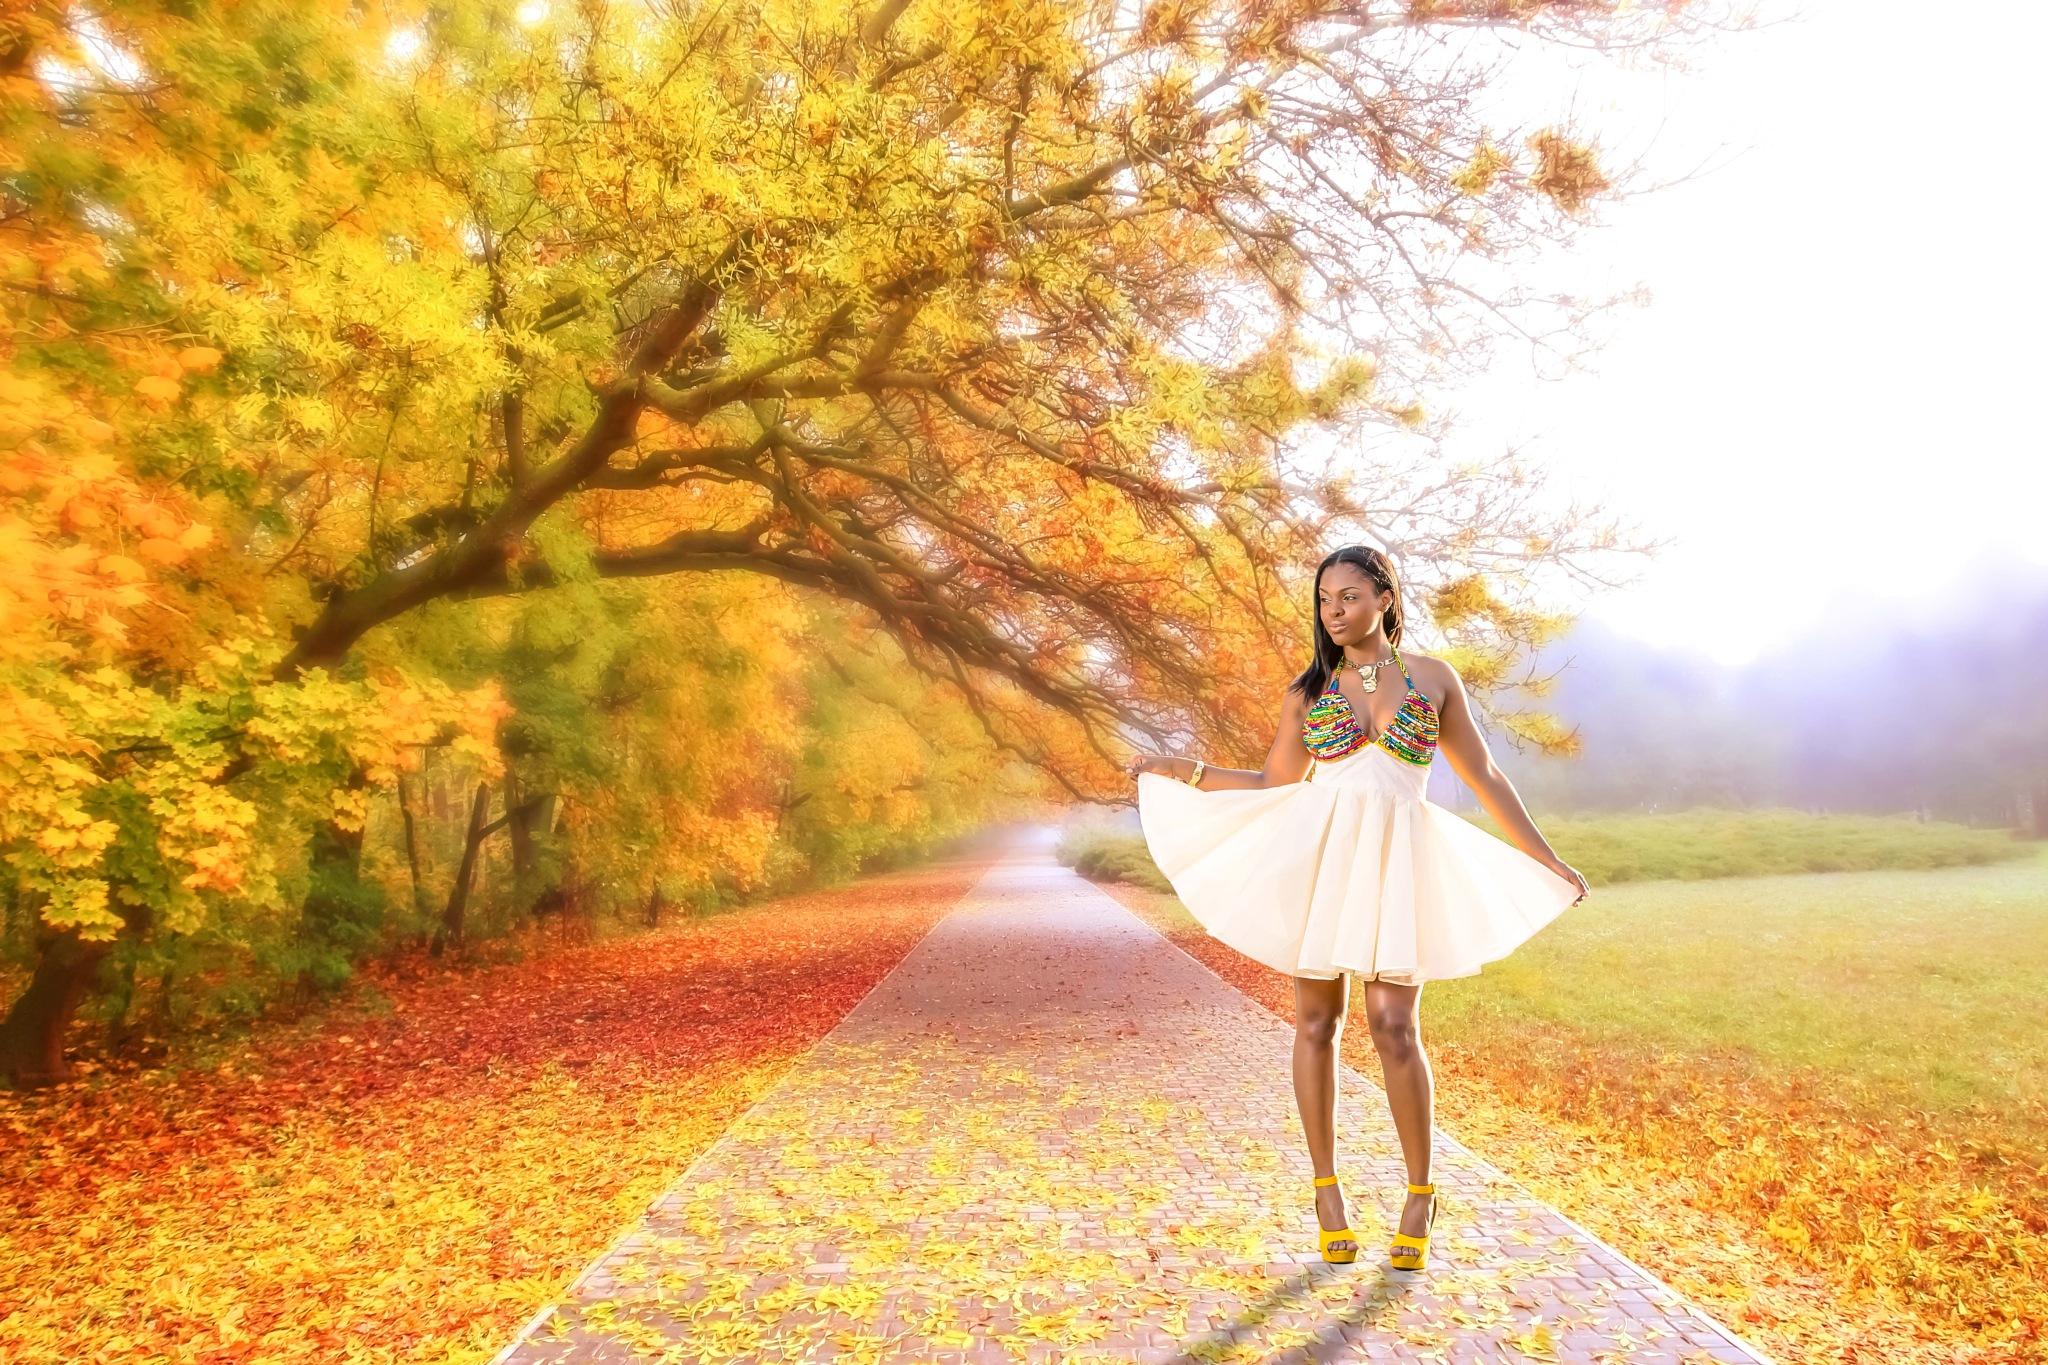 Autumn Leaves by RicardoBenjamin